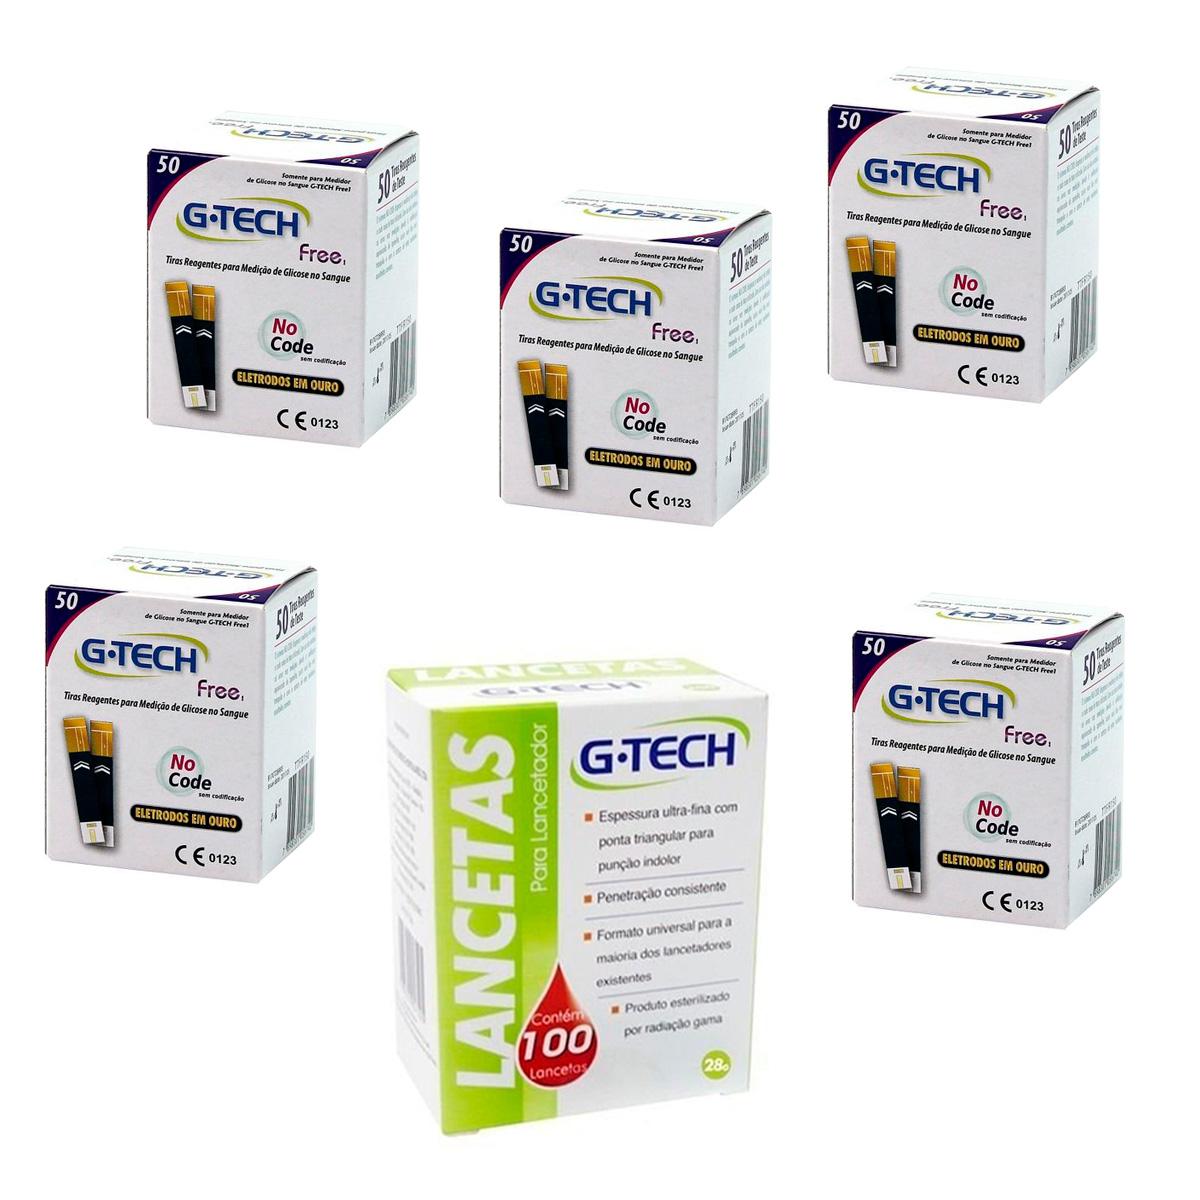 5 Tiras Reagentes G-tech Free + Brinde